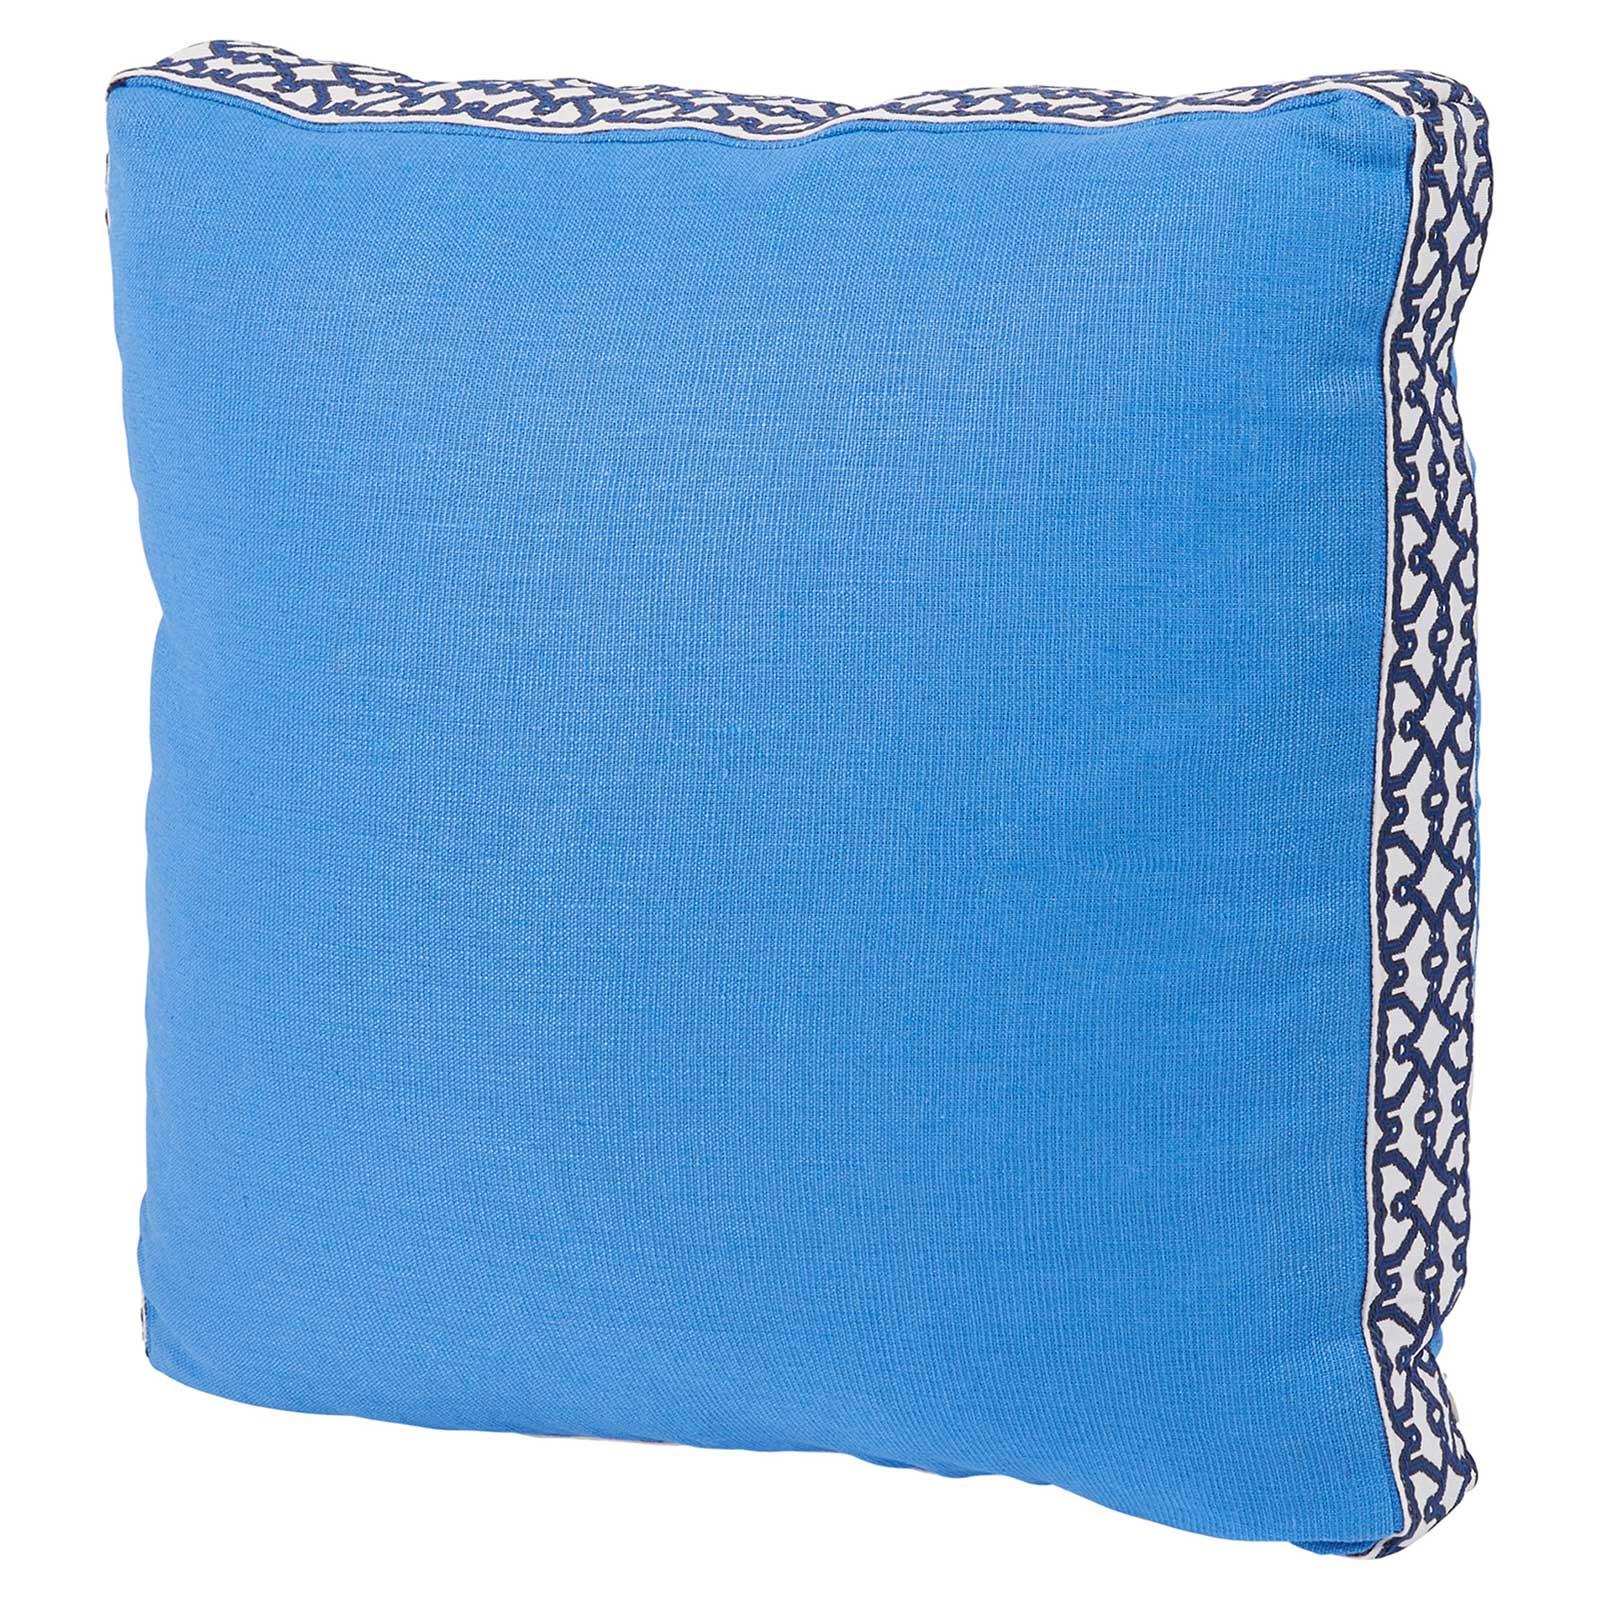 Jerri Modern Classic Pattern Box Edge Bright Blue Pillow - 18x18